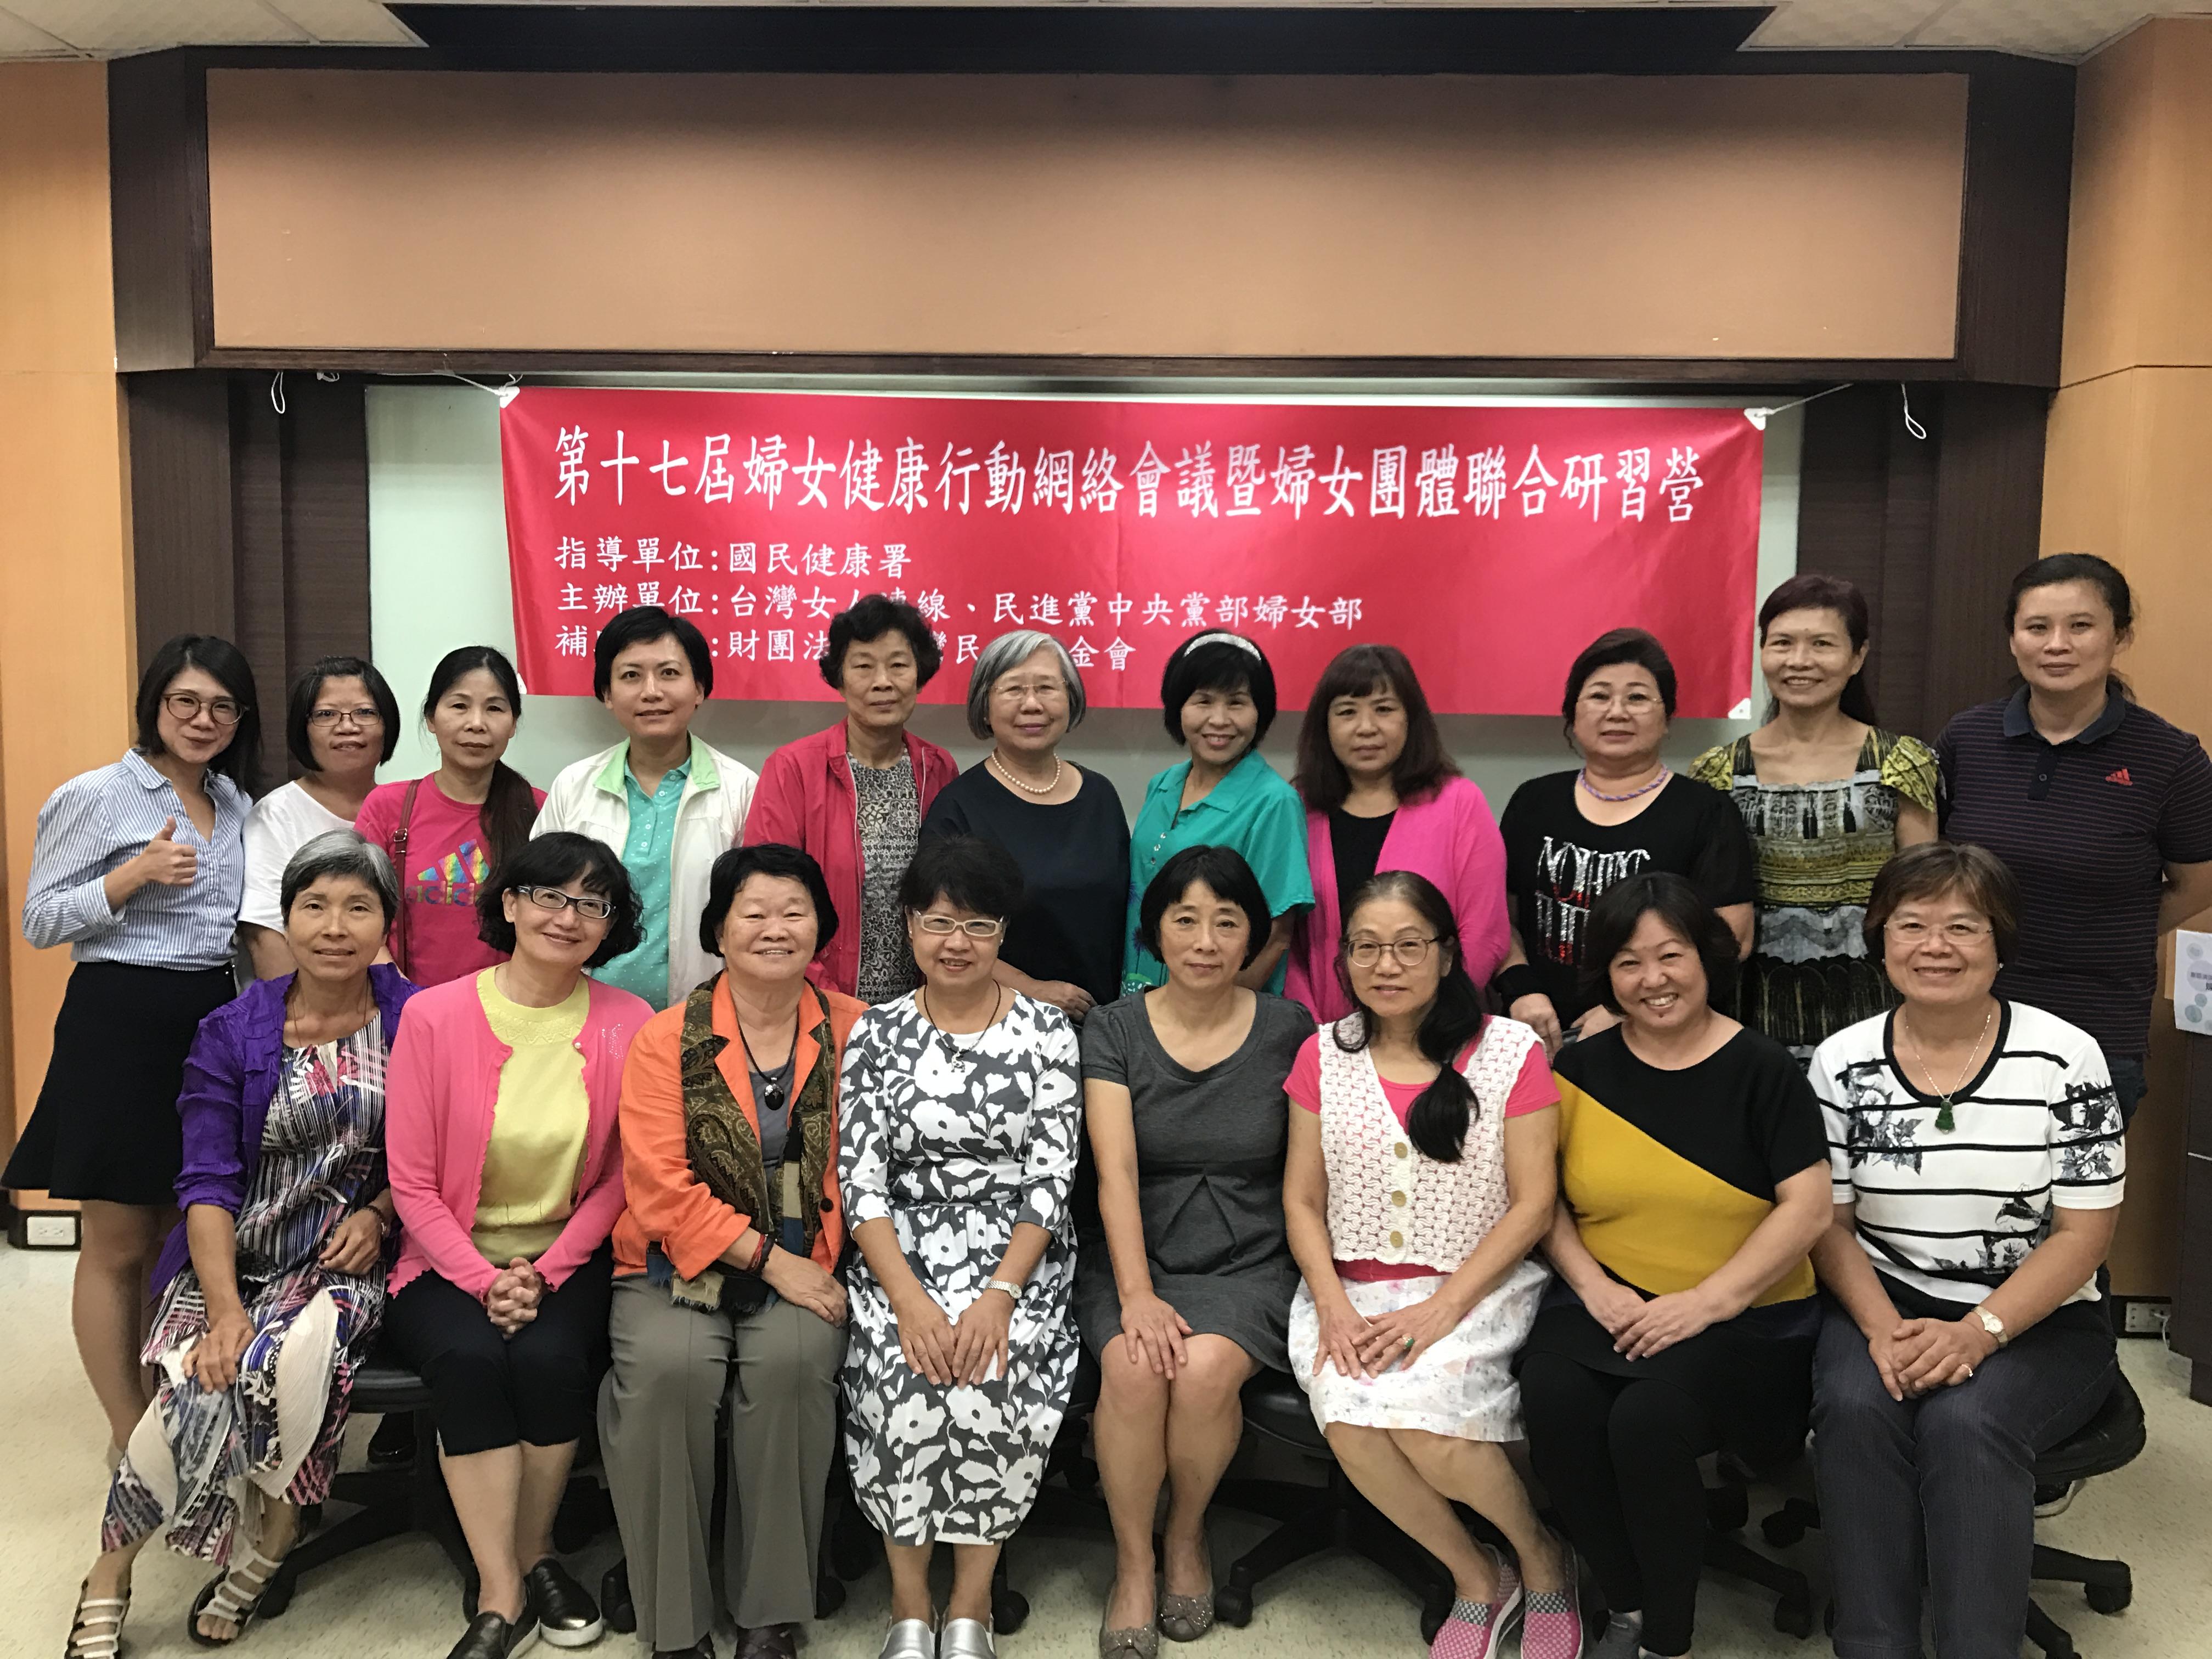 第十七屆婦女健康行動網絡會議暨婦女團體聯合研習營